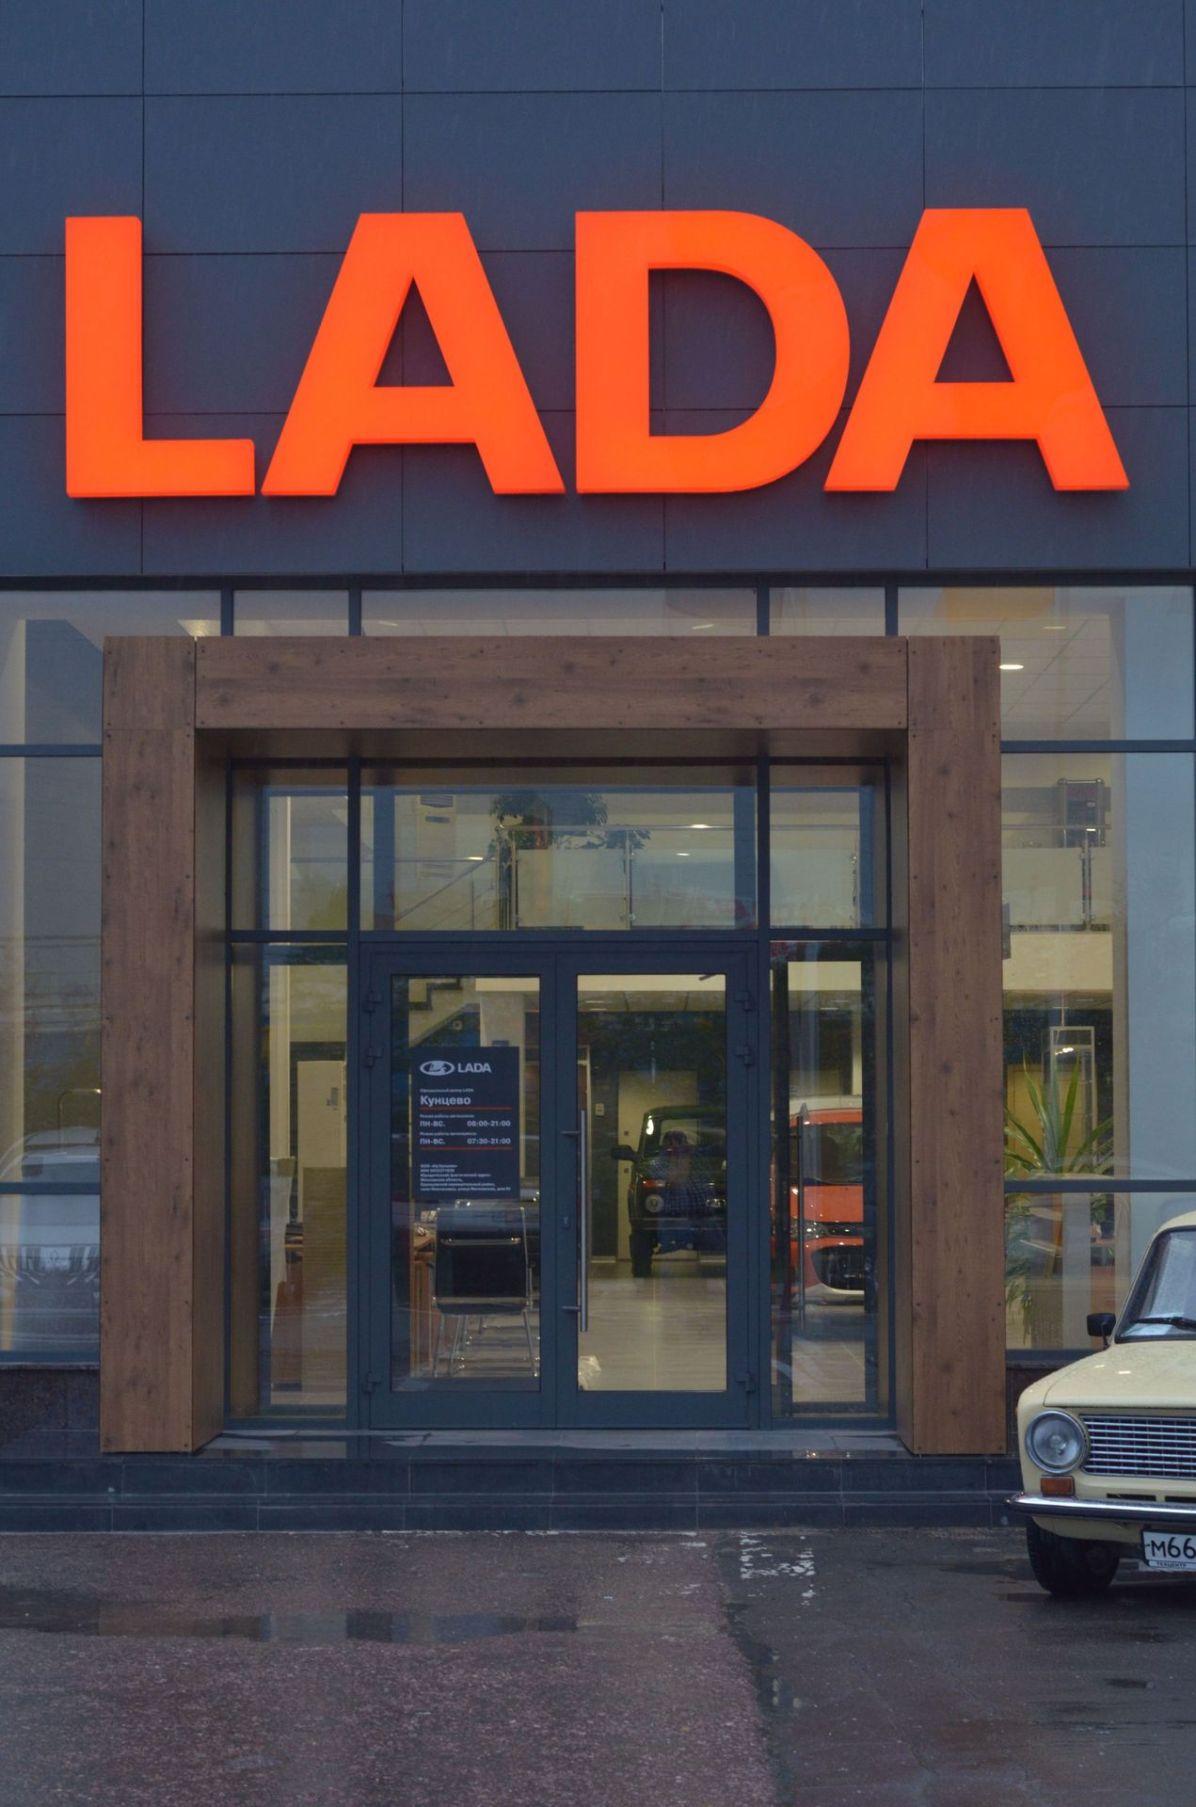 Портал LADA из HPL-материала в соответствии с новым оформлением бренда LADA.